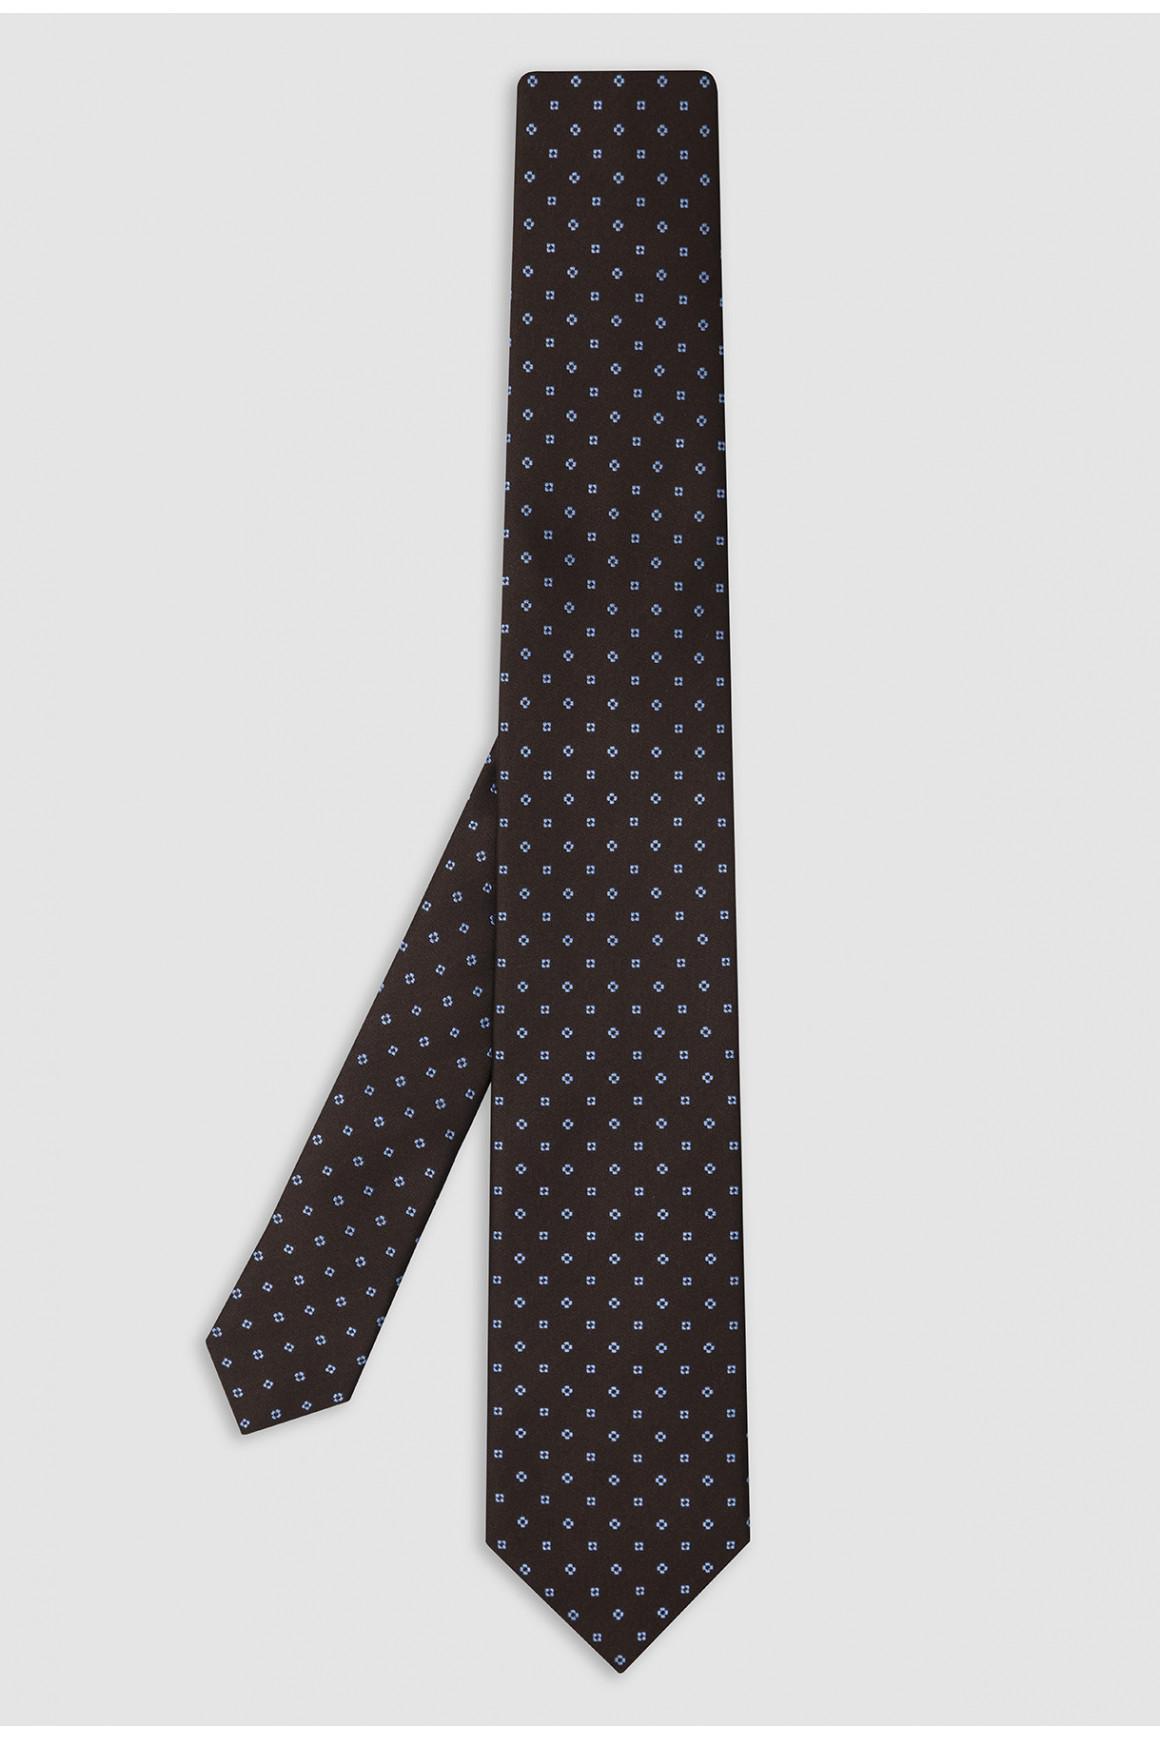 Cravate Marron Micromotif Soie